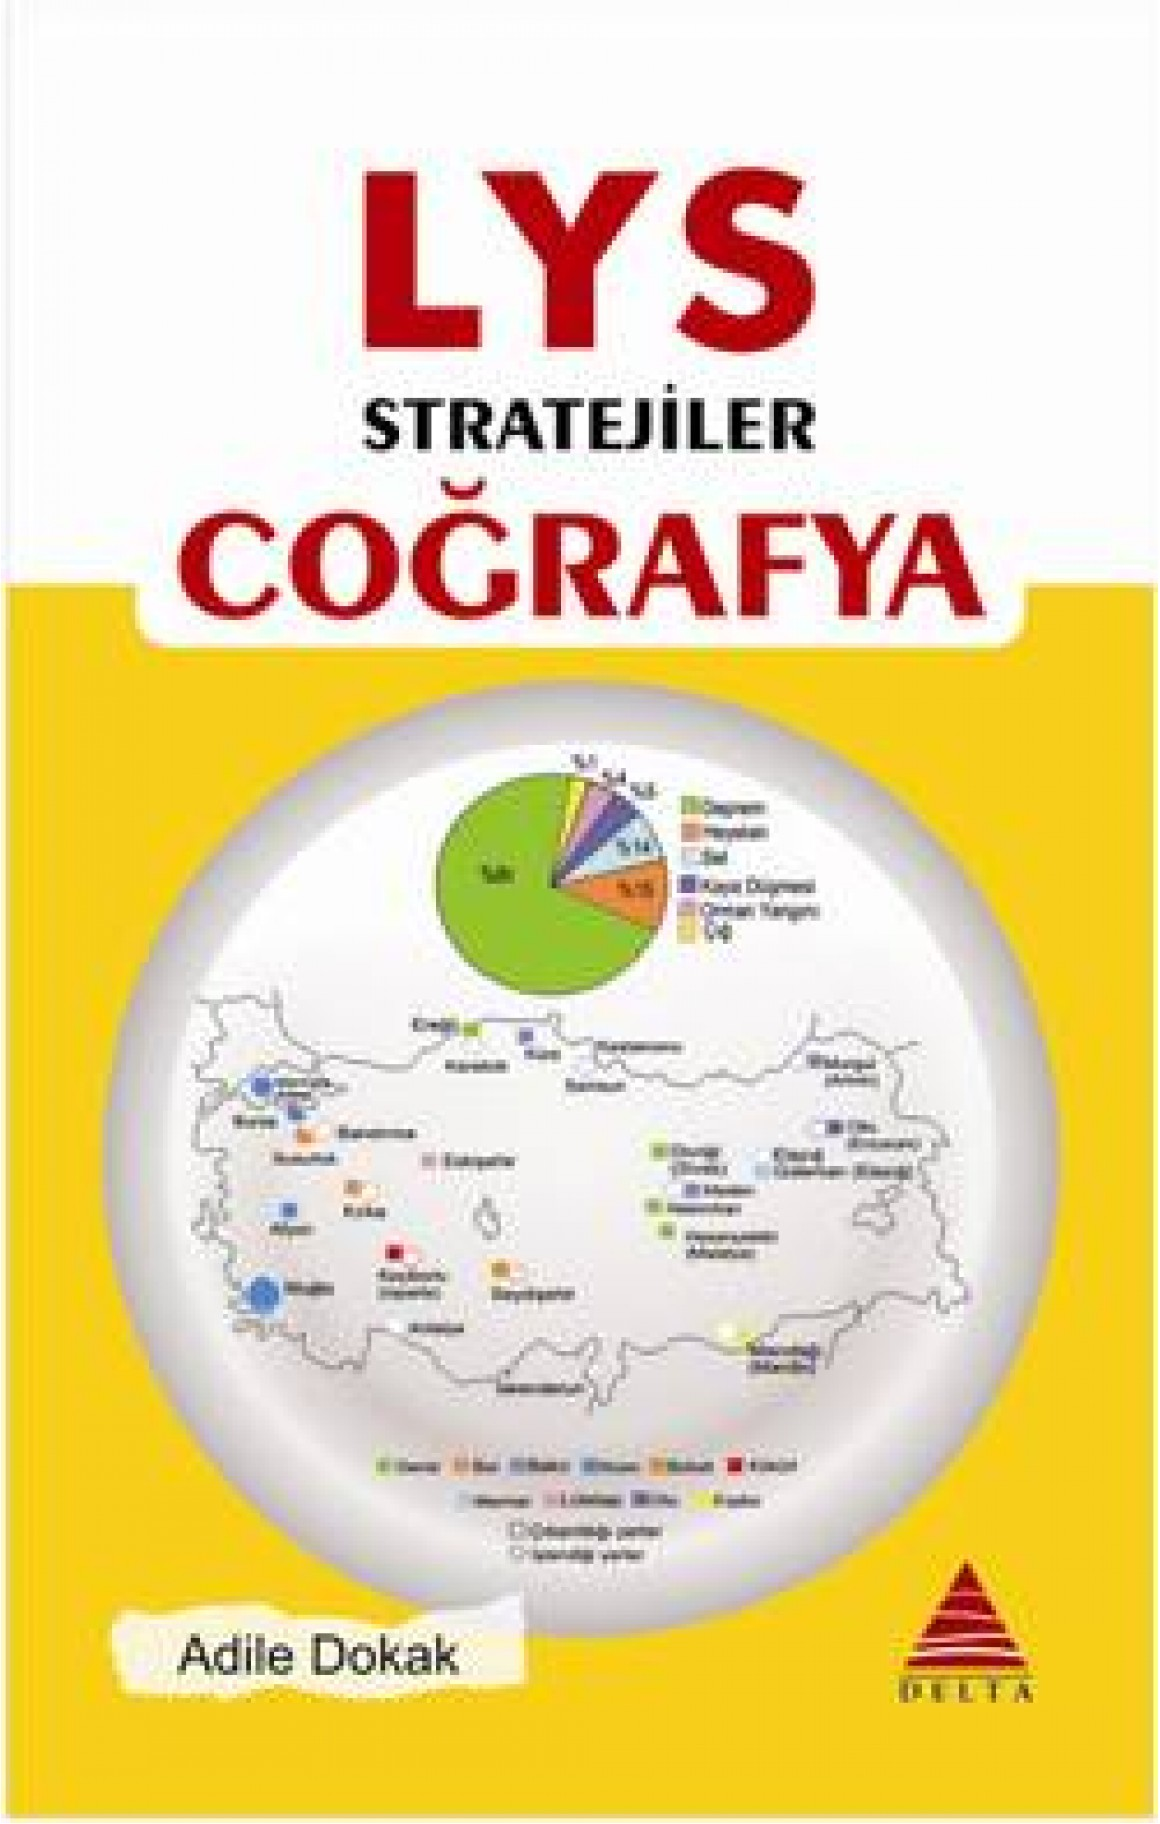 LYS Stratejiler Coğrafya